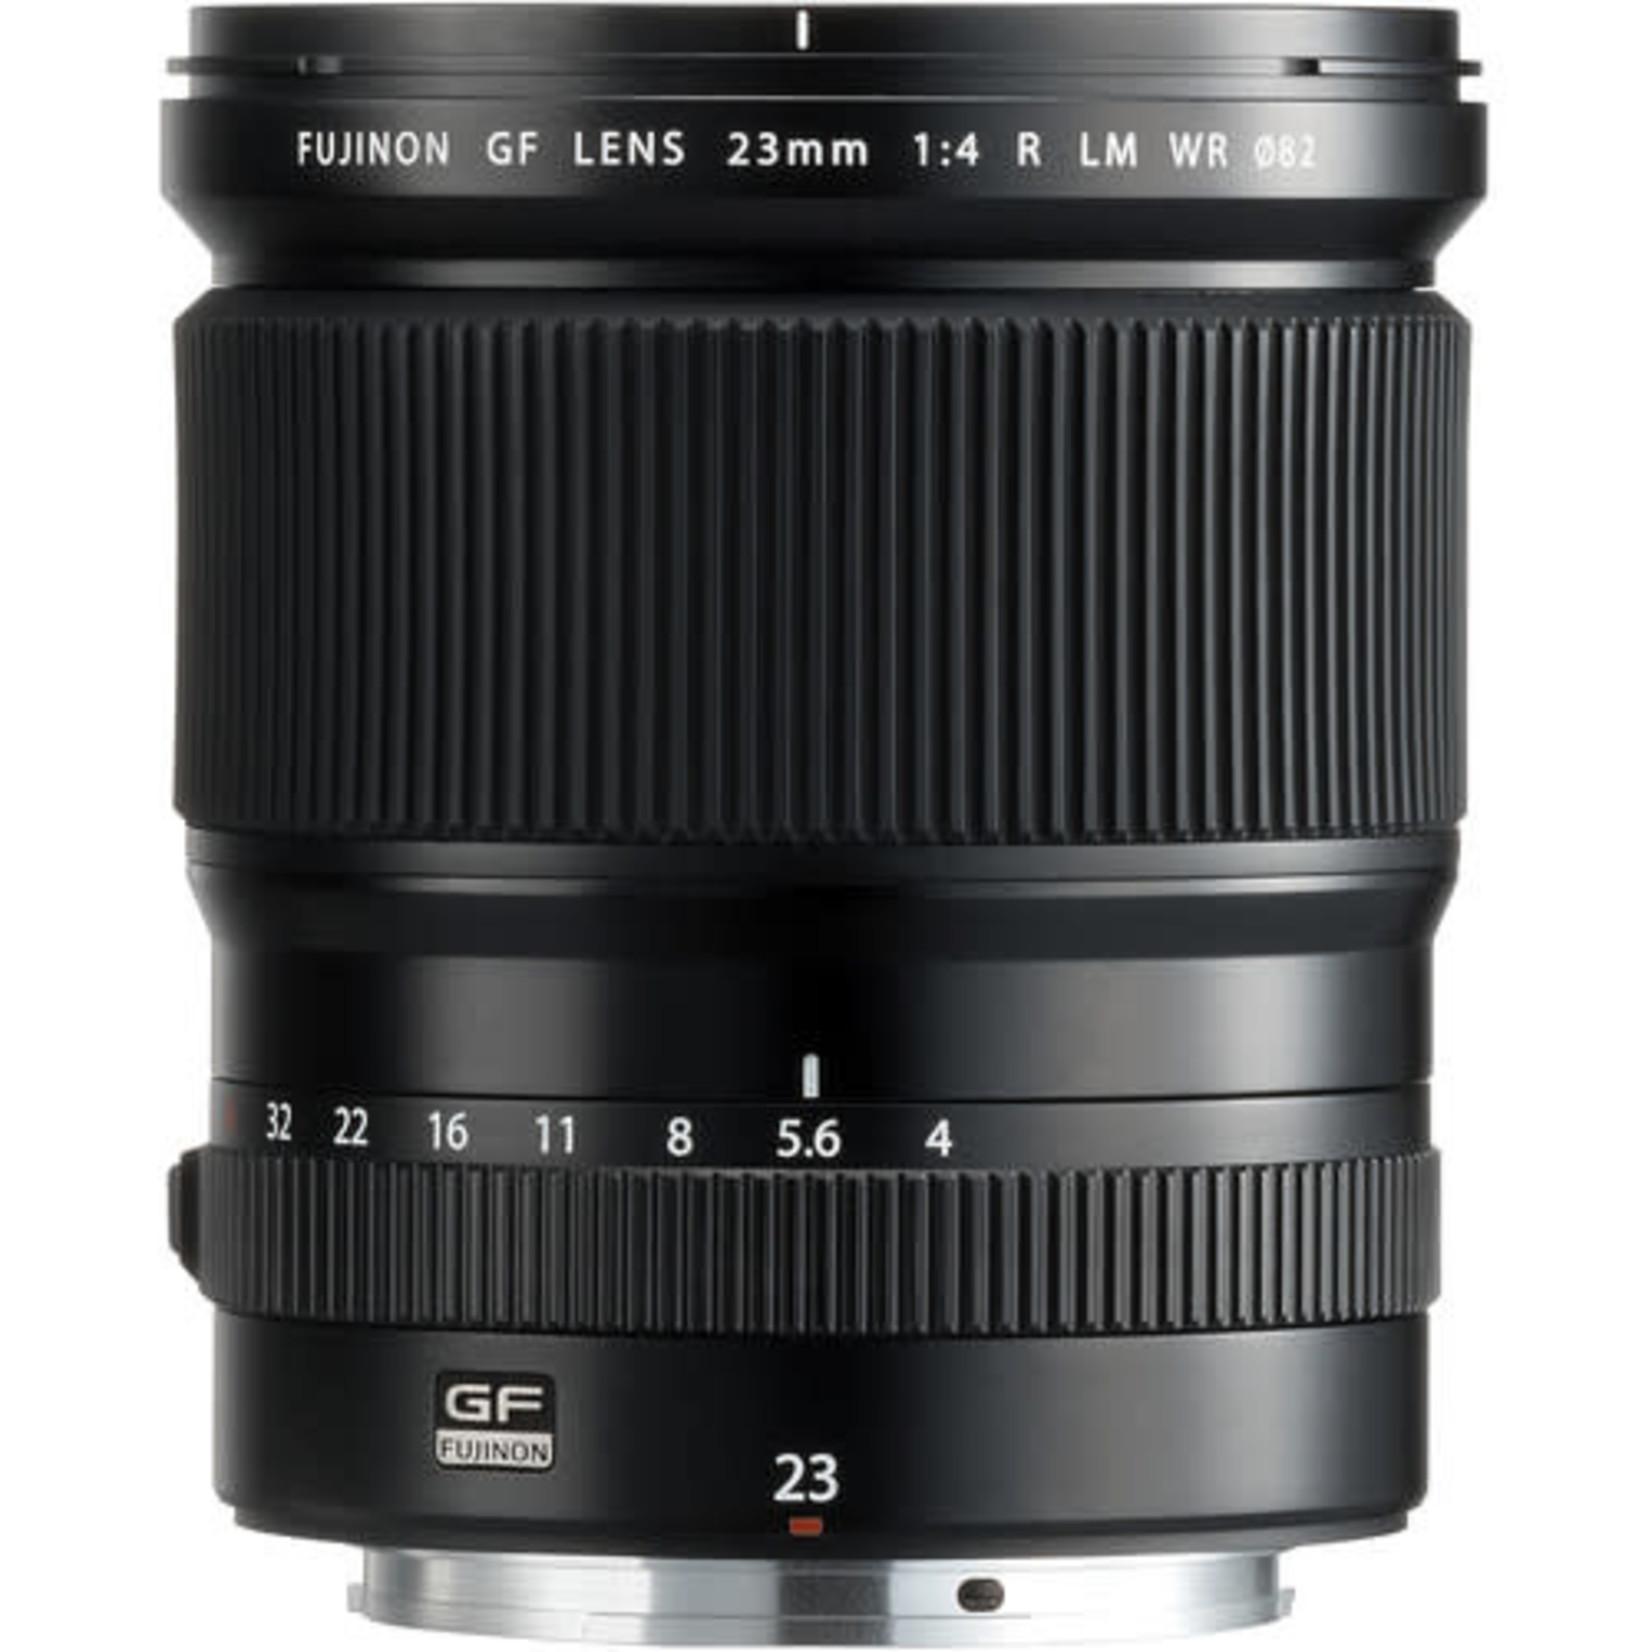 FujiFilm FUJIFILM GF 23mm f/4 R LM WR Lens